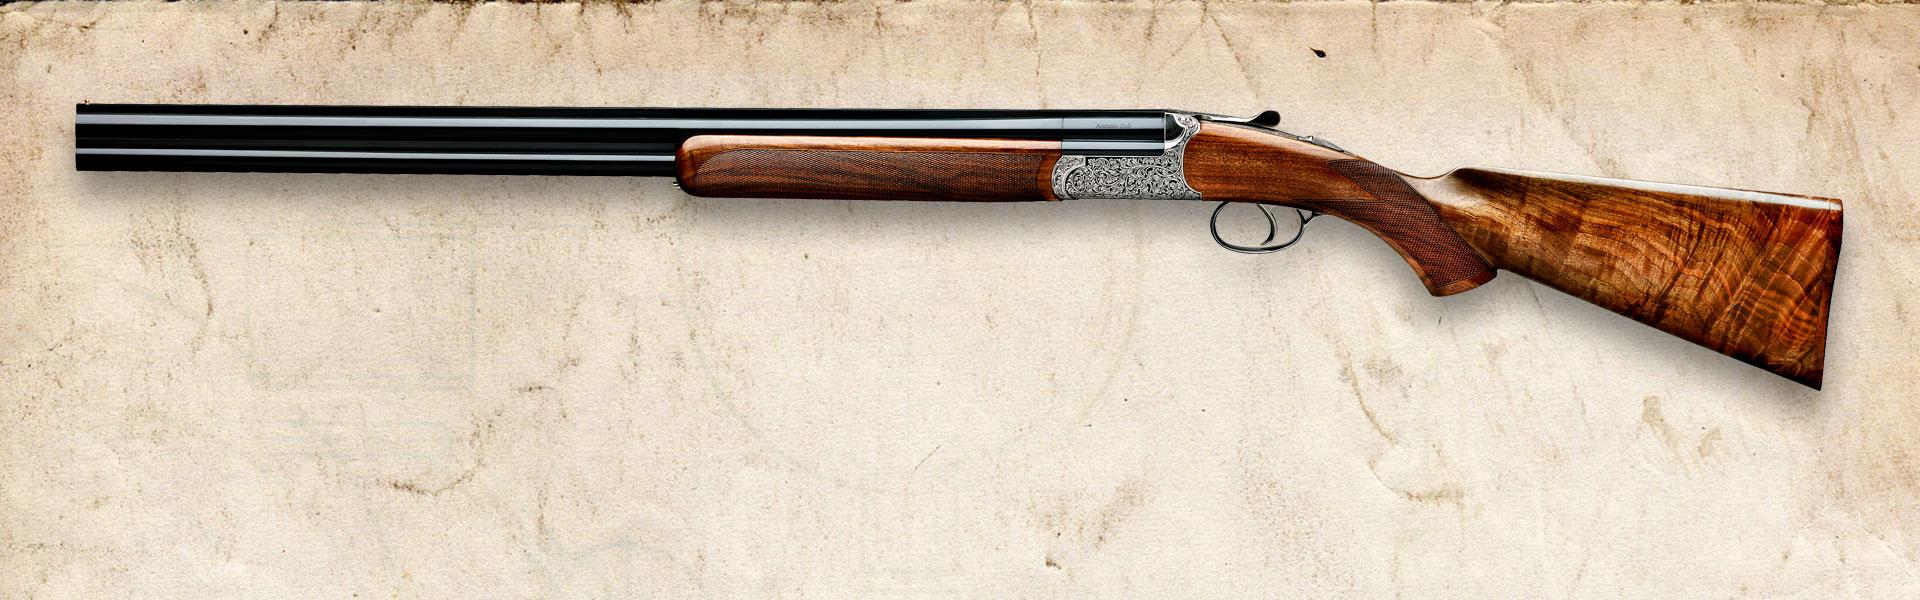 Zoli Pernice Round Body Upland Game Gun